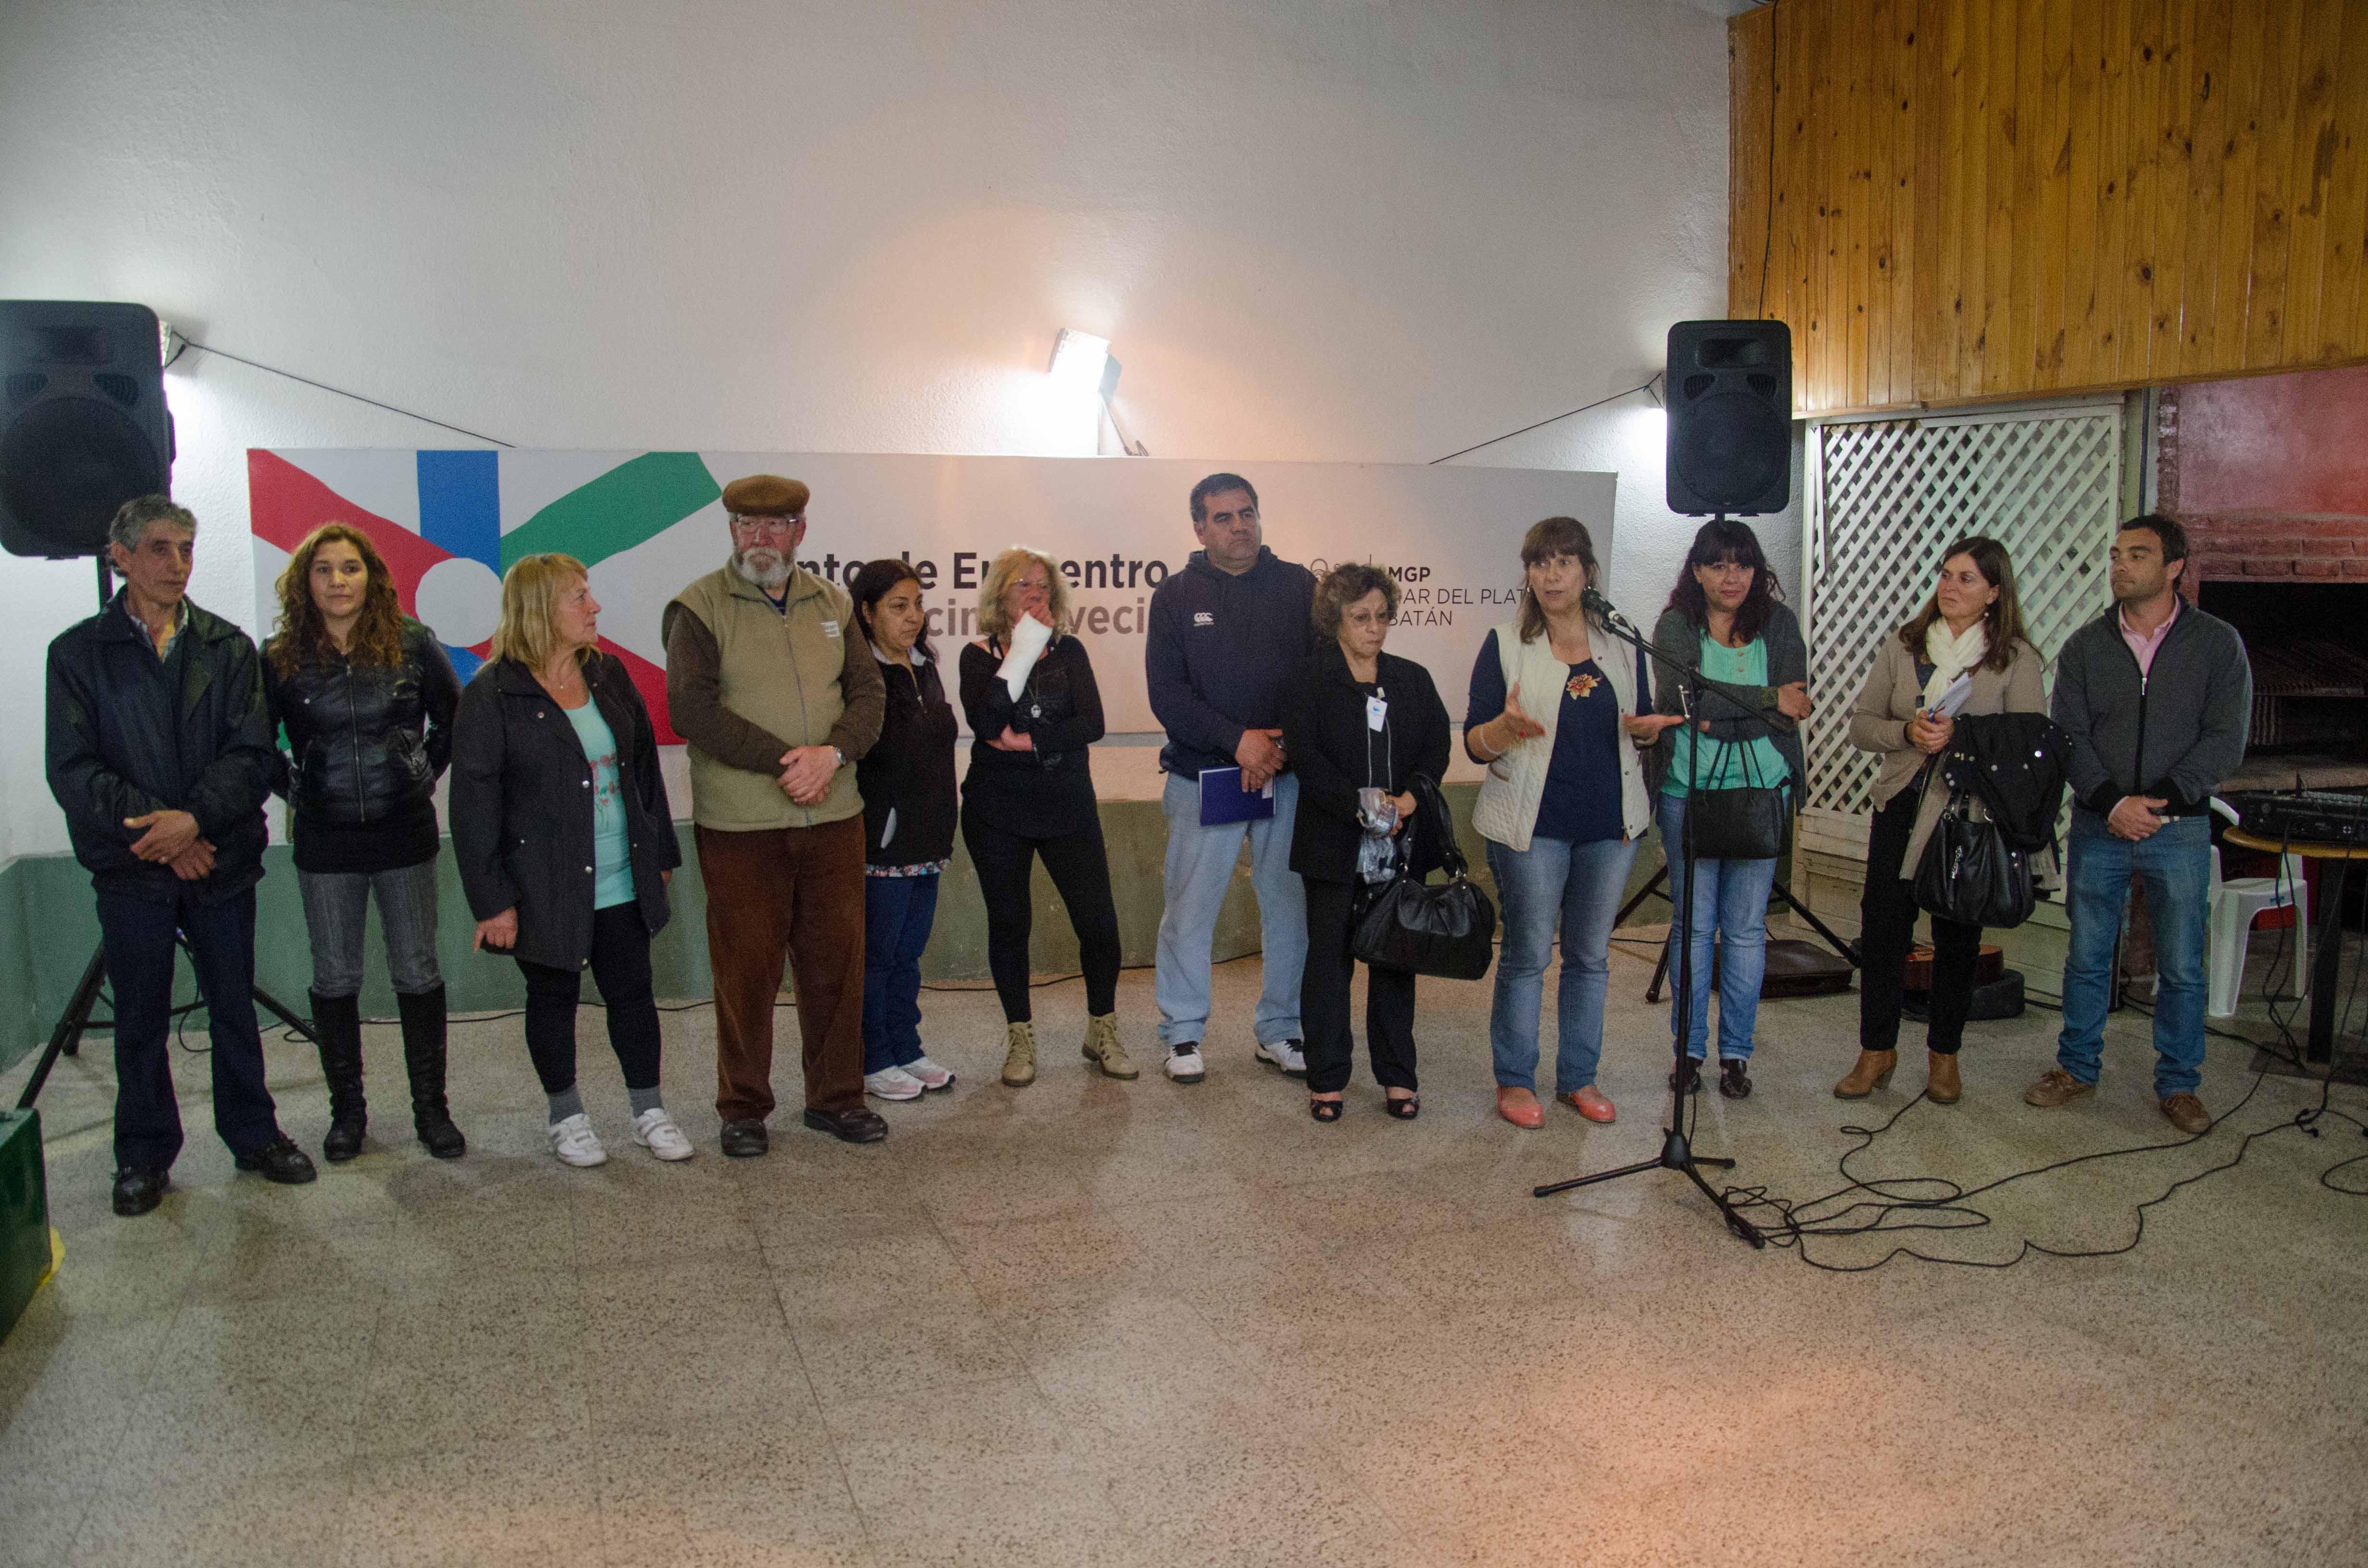 Fotos MGP - Desarrollo Social - Un nuevo Punto de Encuentro en el Norte de la ciudad